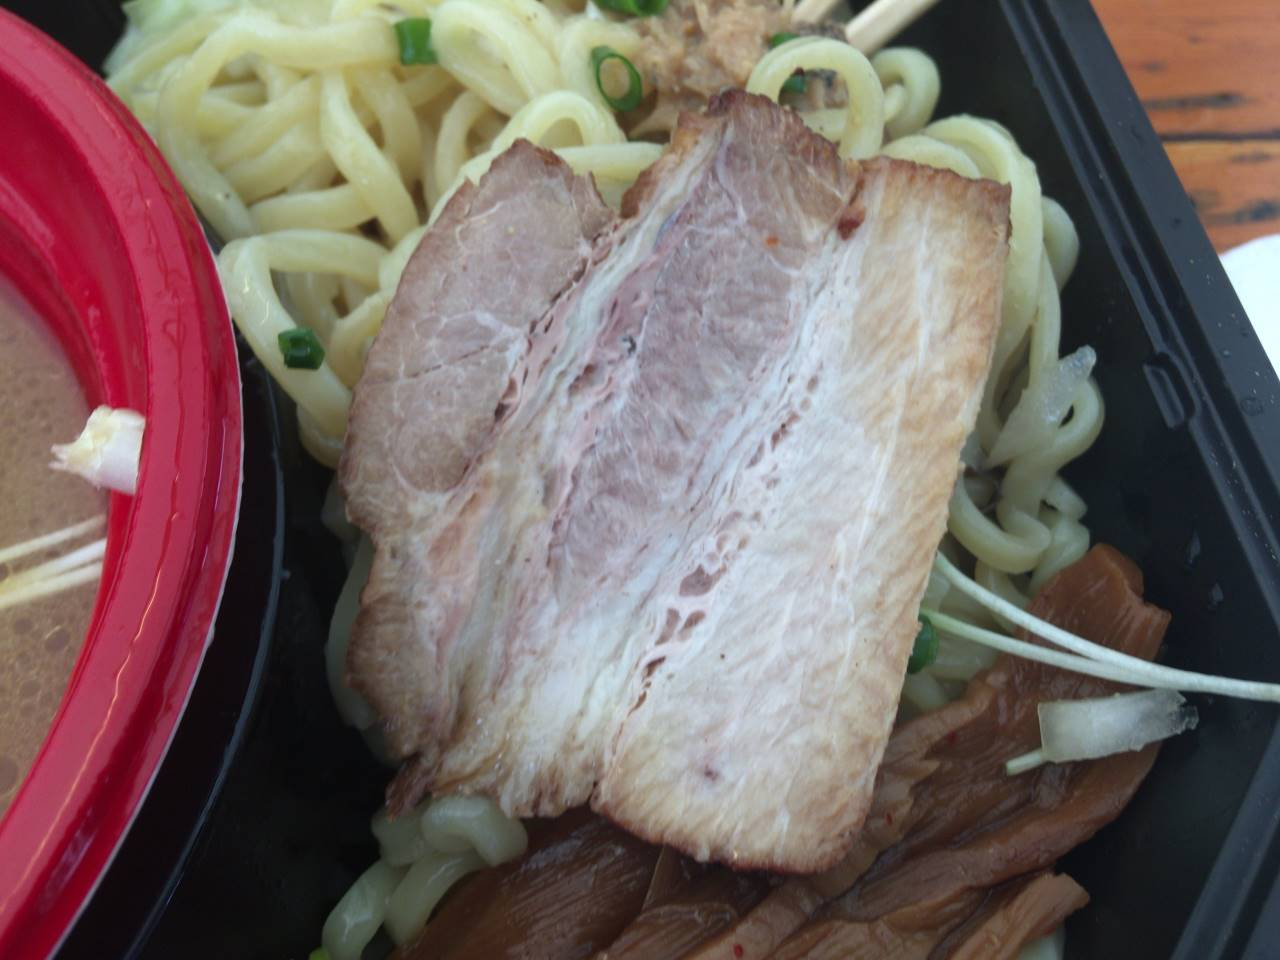 豚肉:竹末食堂 大つけ麺博2019のつけ麺 ℃濃厚帆立ソースの鶏つけ麺 トリュフの香りと共に